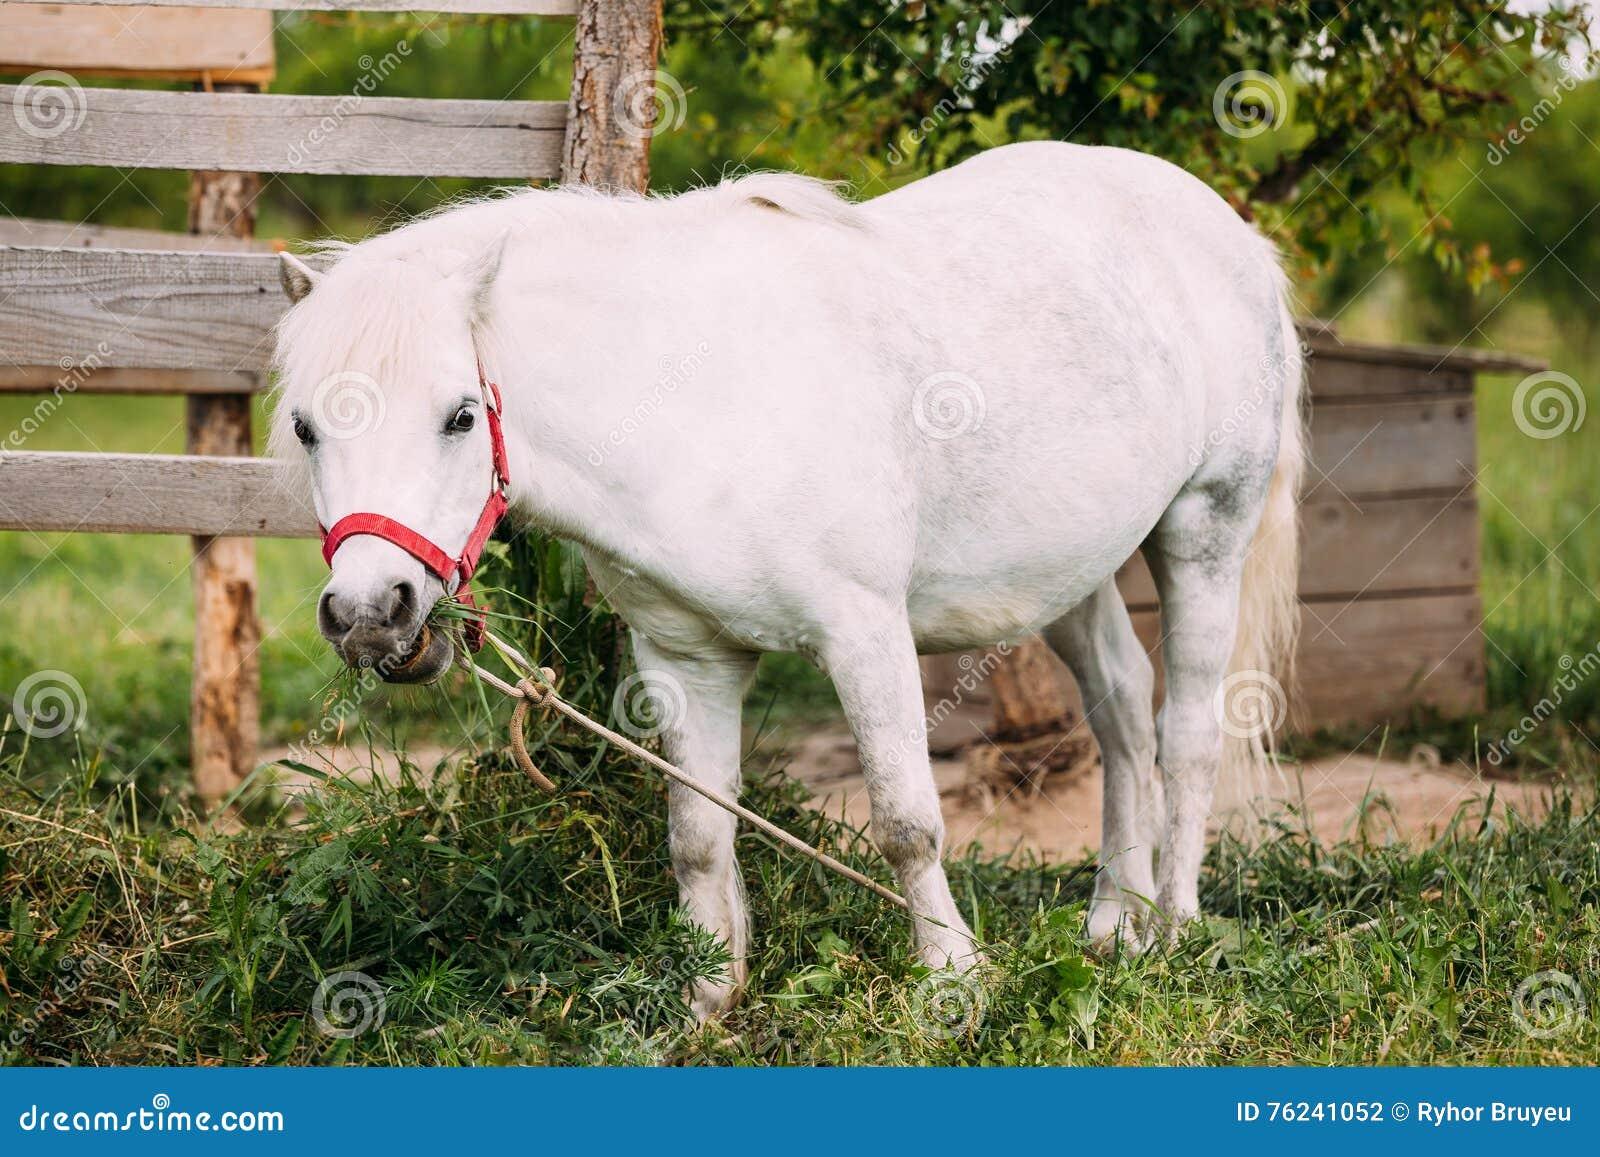 Bevindende Witte Pony Is Eating Grass At-Plattelandsboerderij Nag In Red Bridle